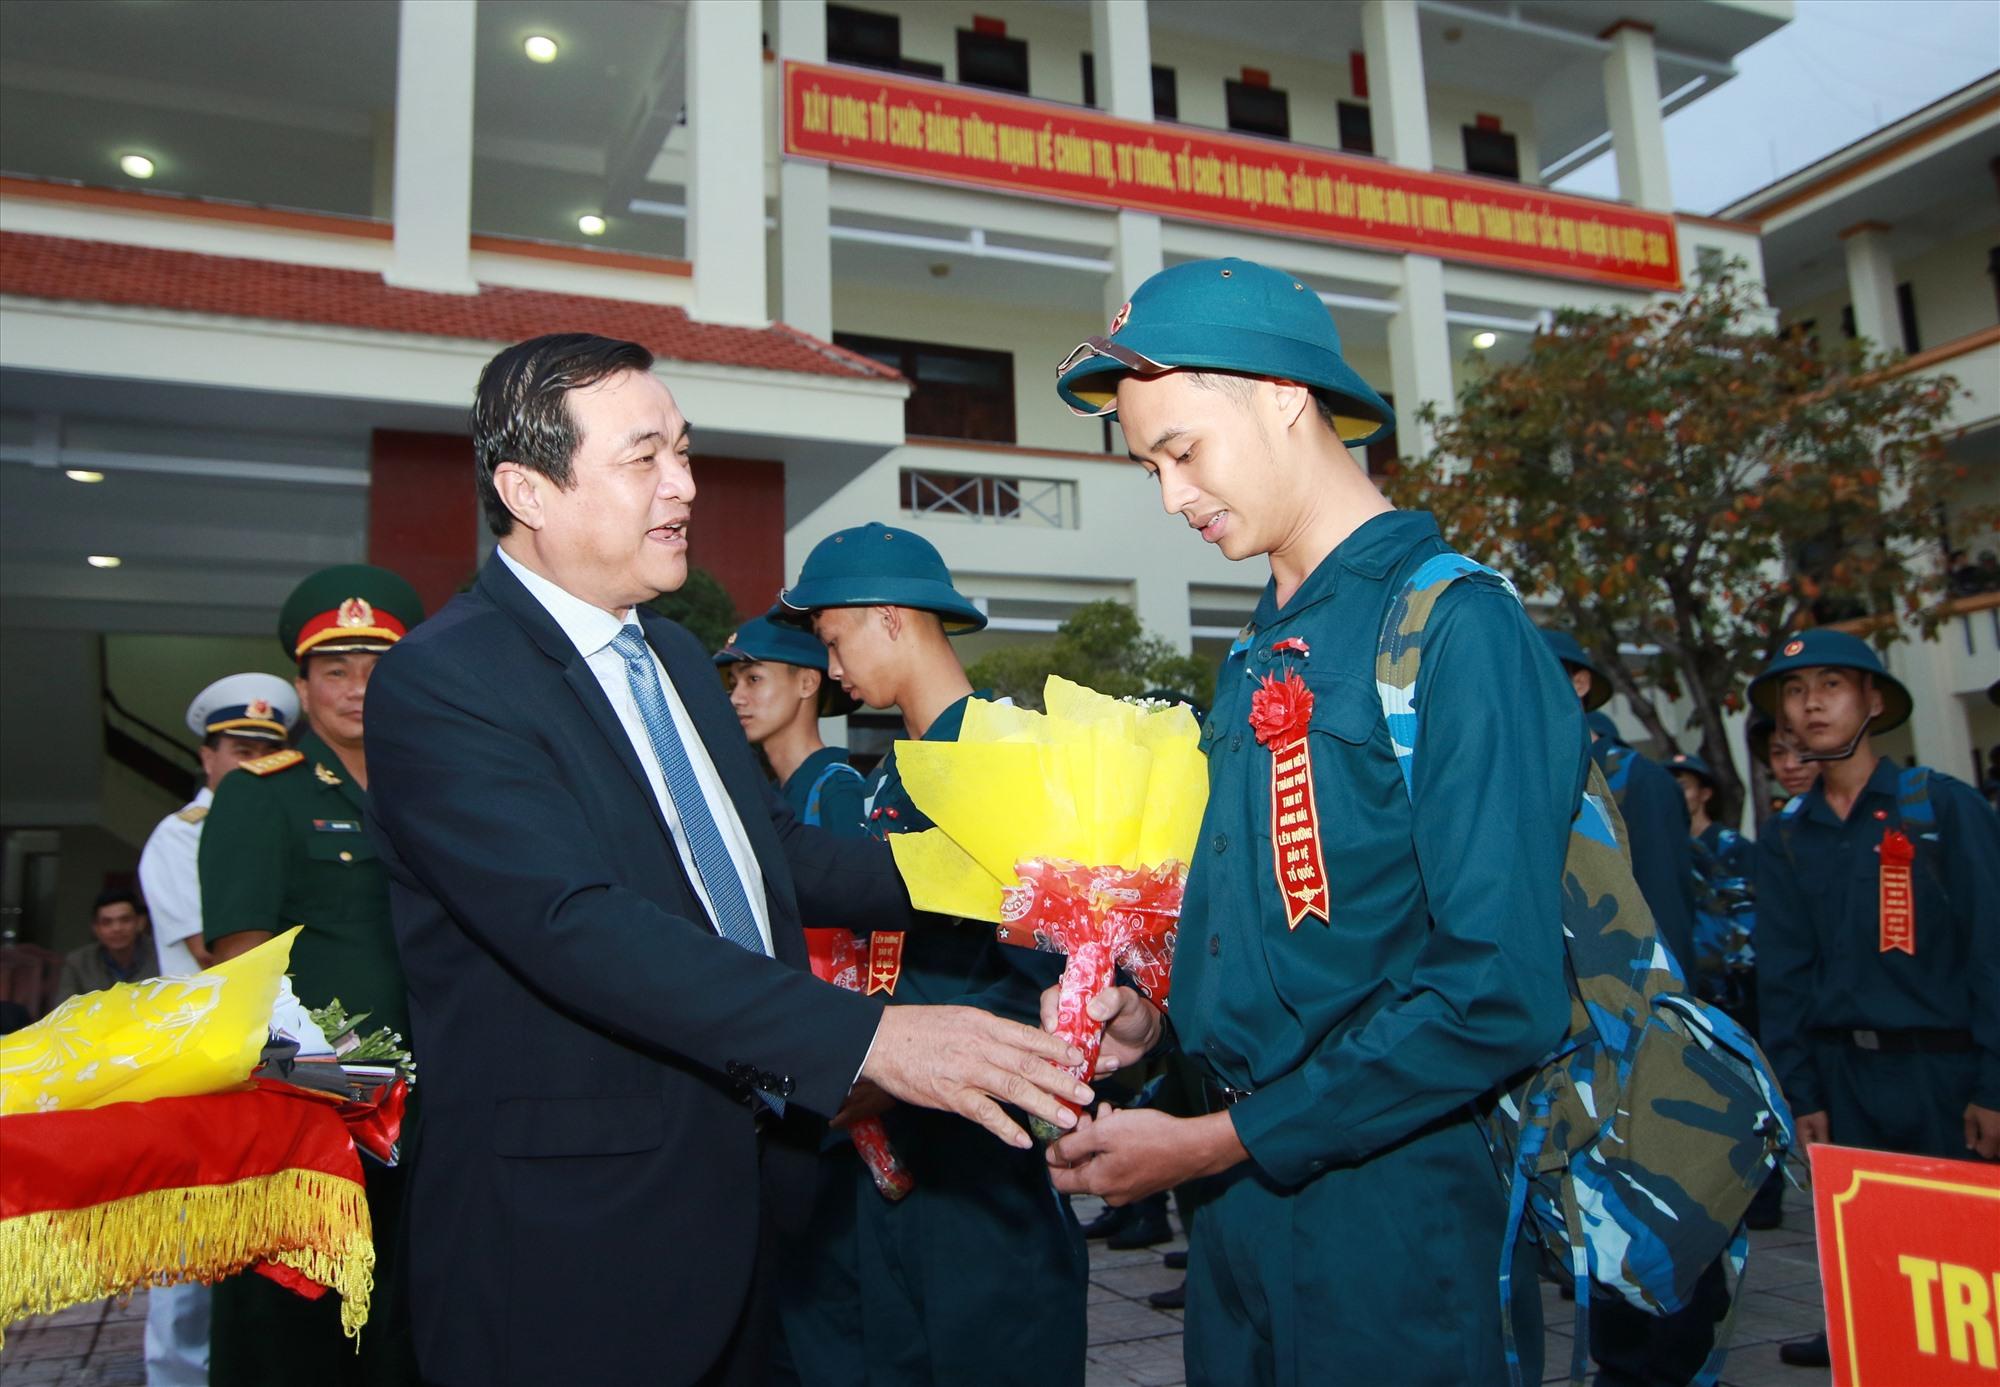 Bí thư Tỉnh ủy Phan Việt Cường tặng hoa, gởi lời chúc các tân binh luôn hoàn thành xuất sắc nhiệm vụ.